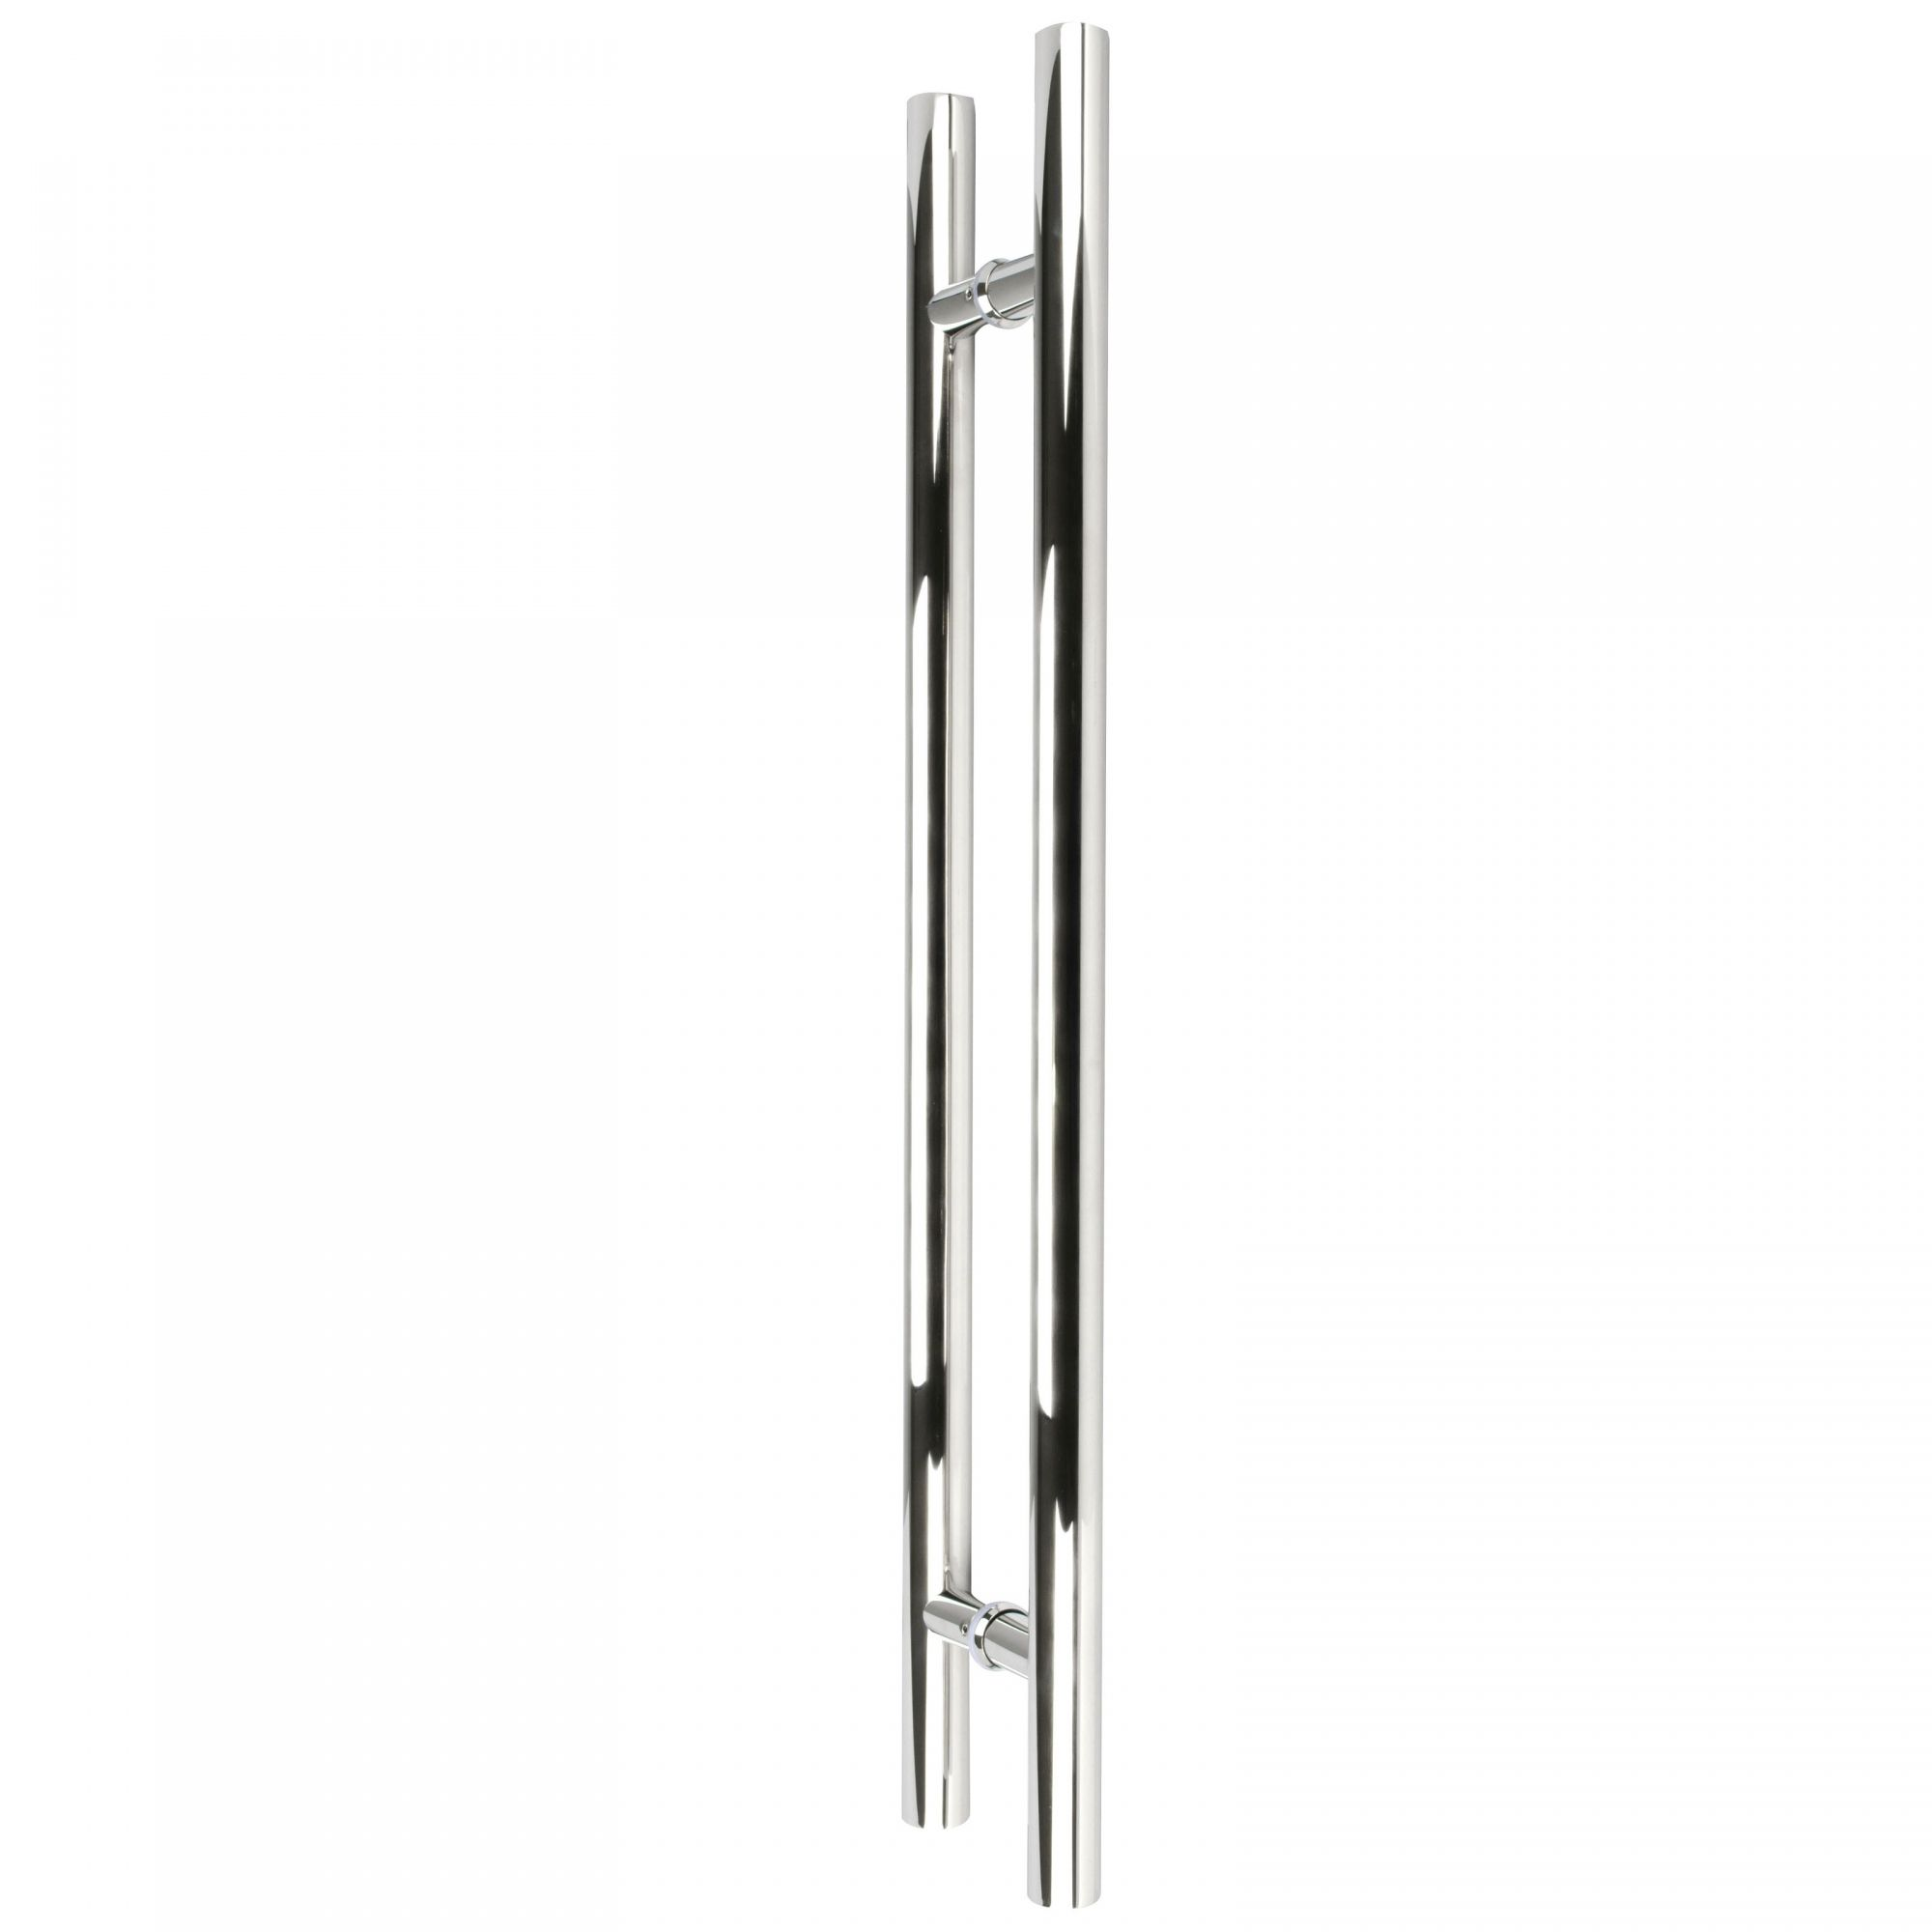 Puxador inox para porta madeira e vidro tubular redondo 80x100cm H05